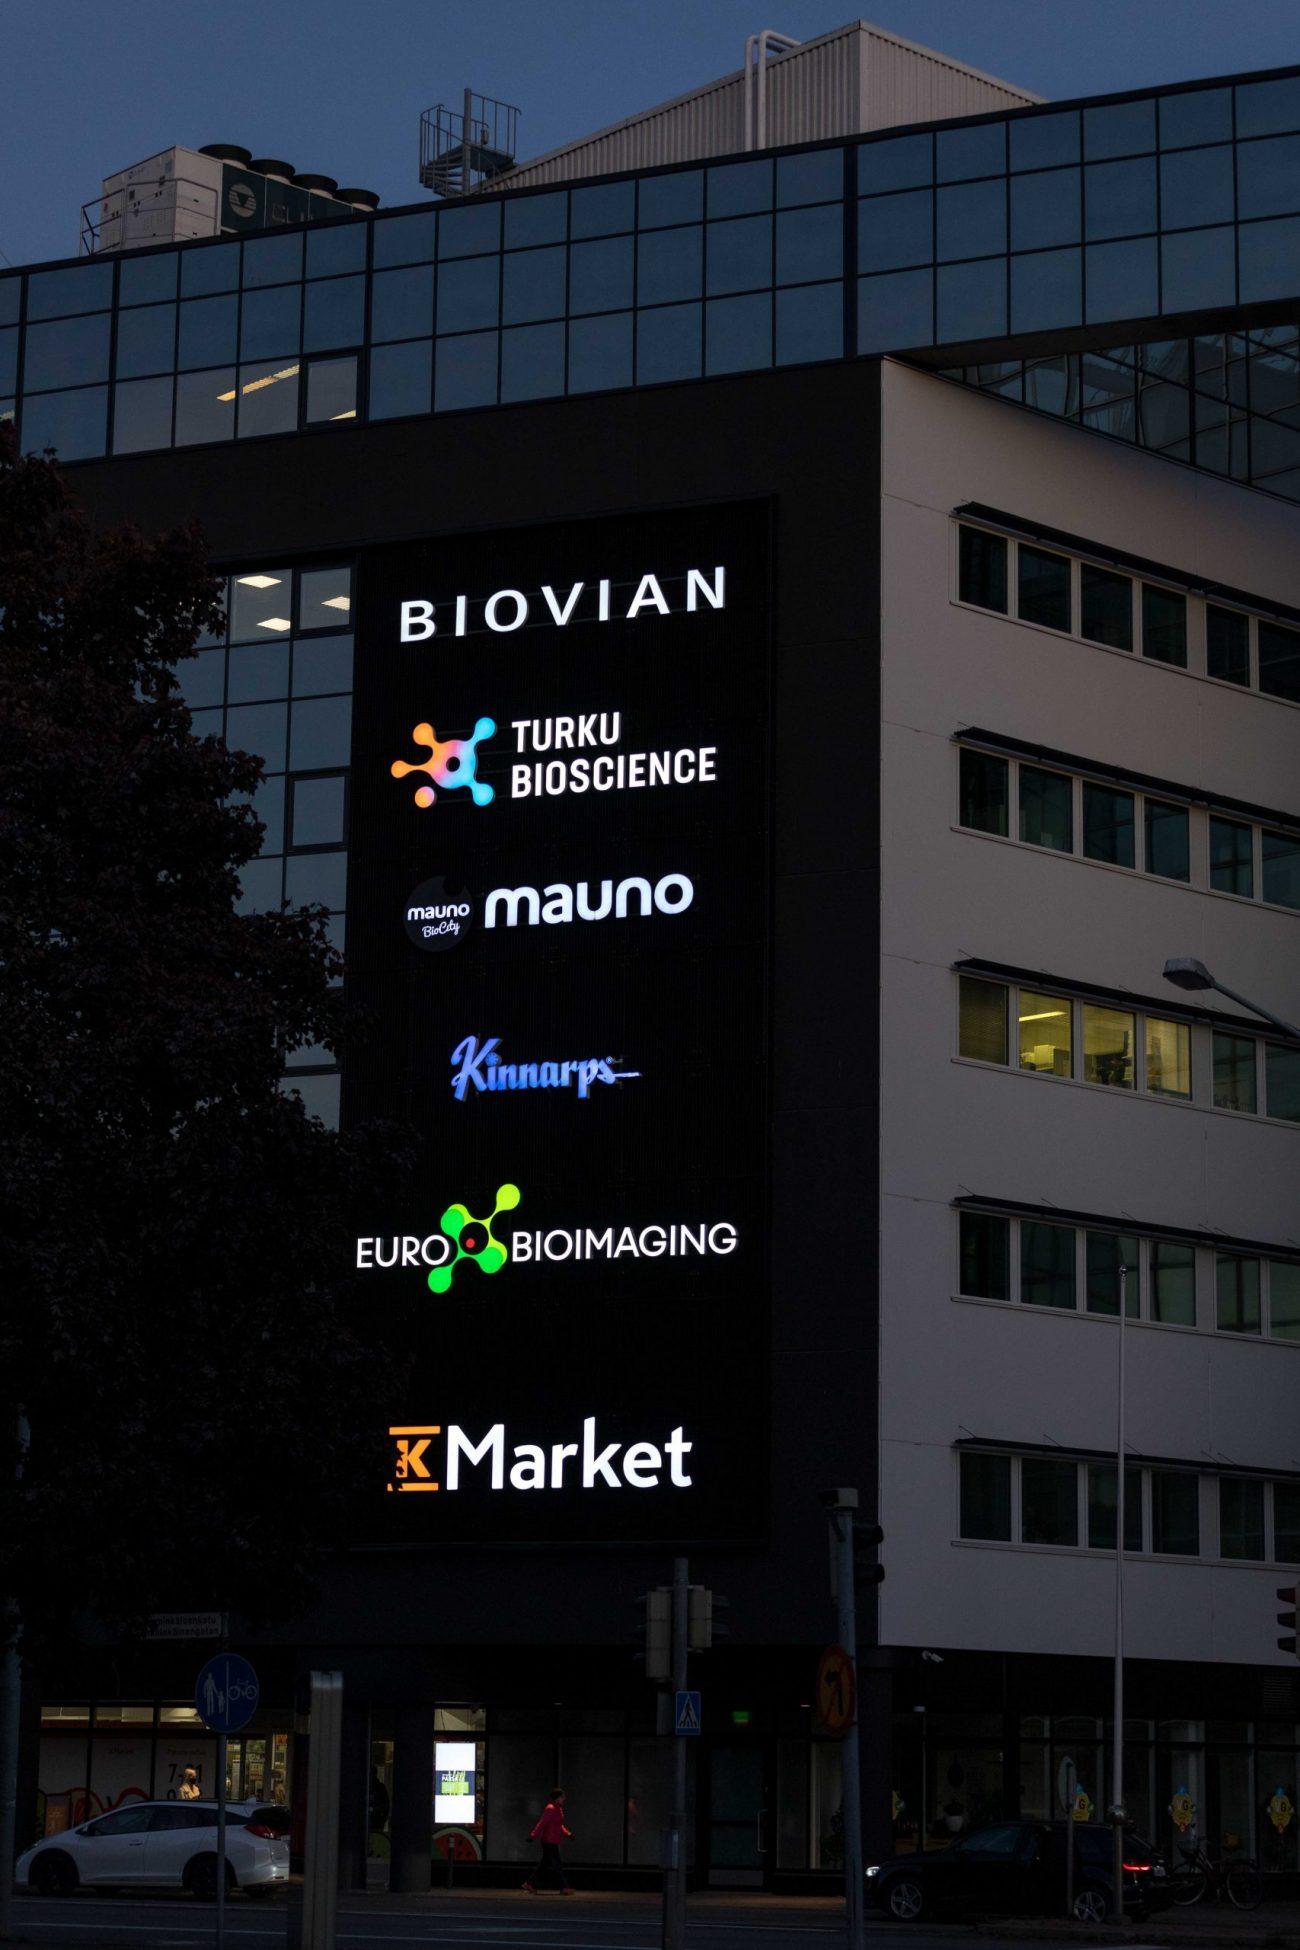 Finding Euro-BioImaging